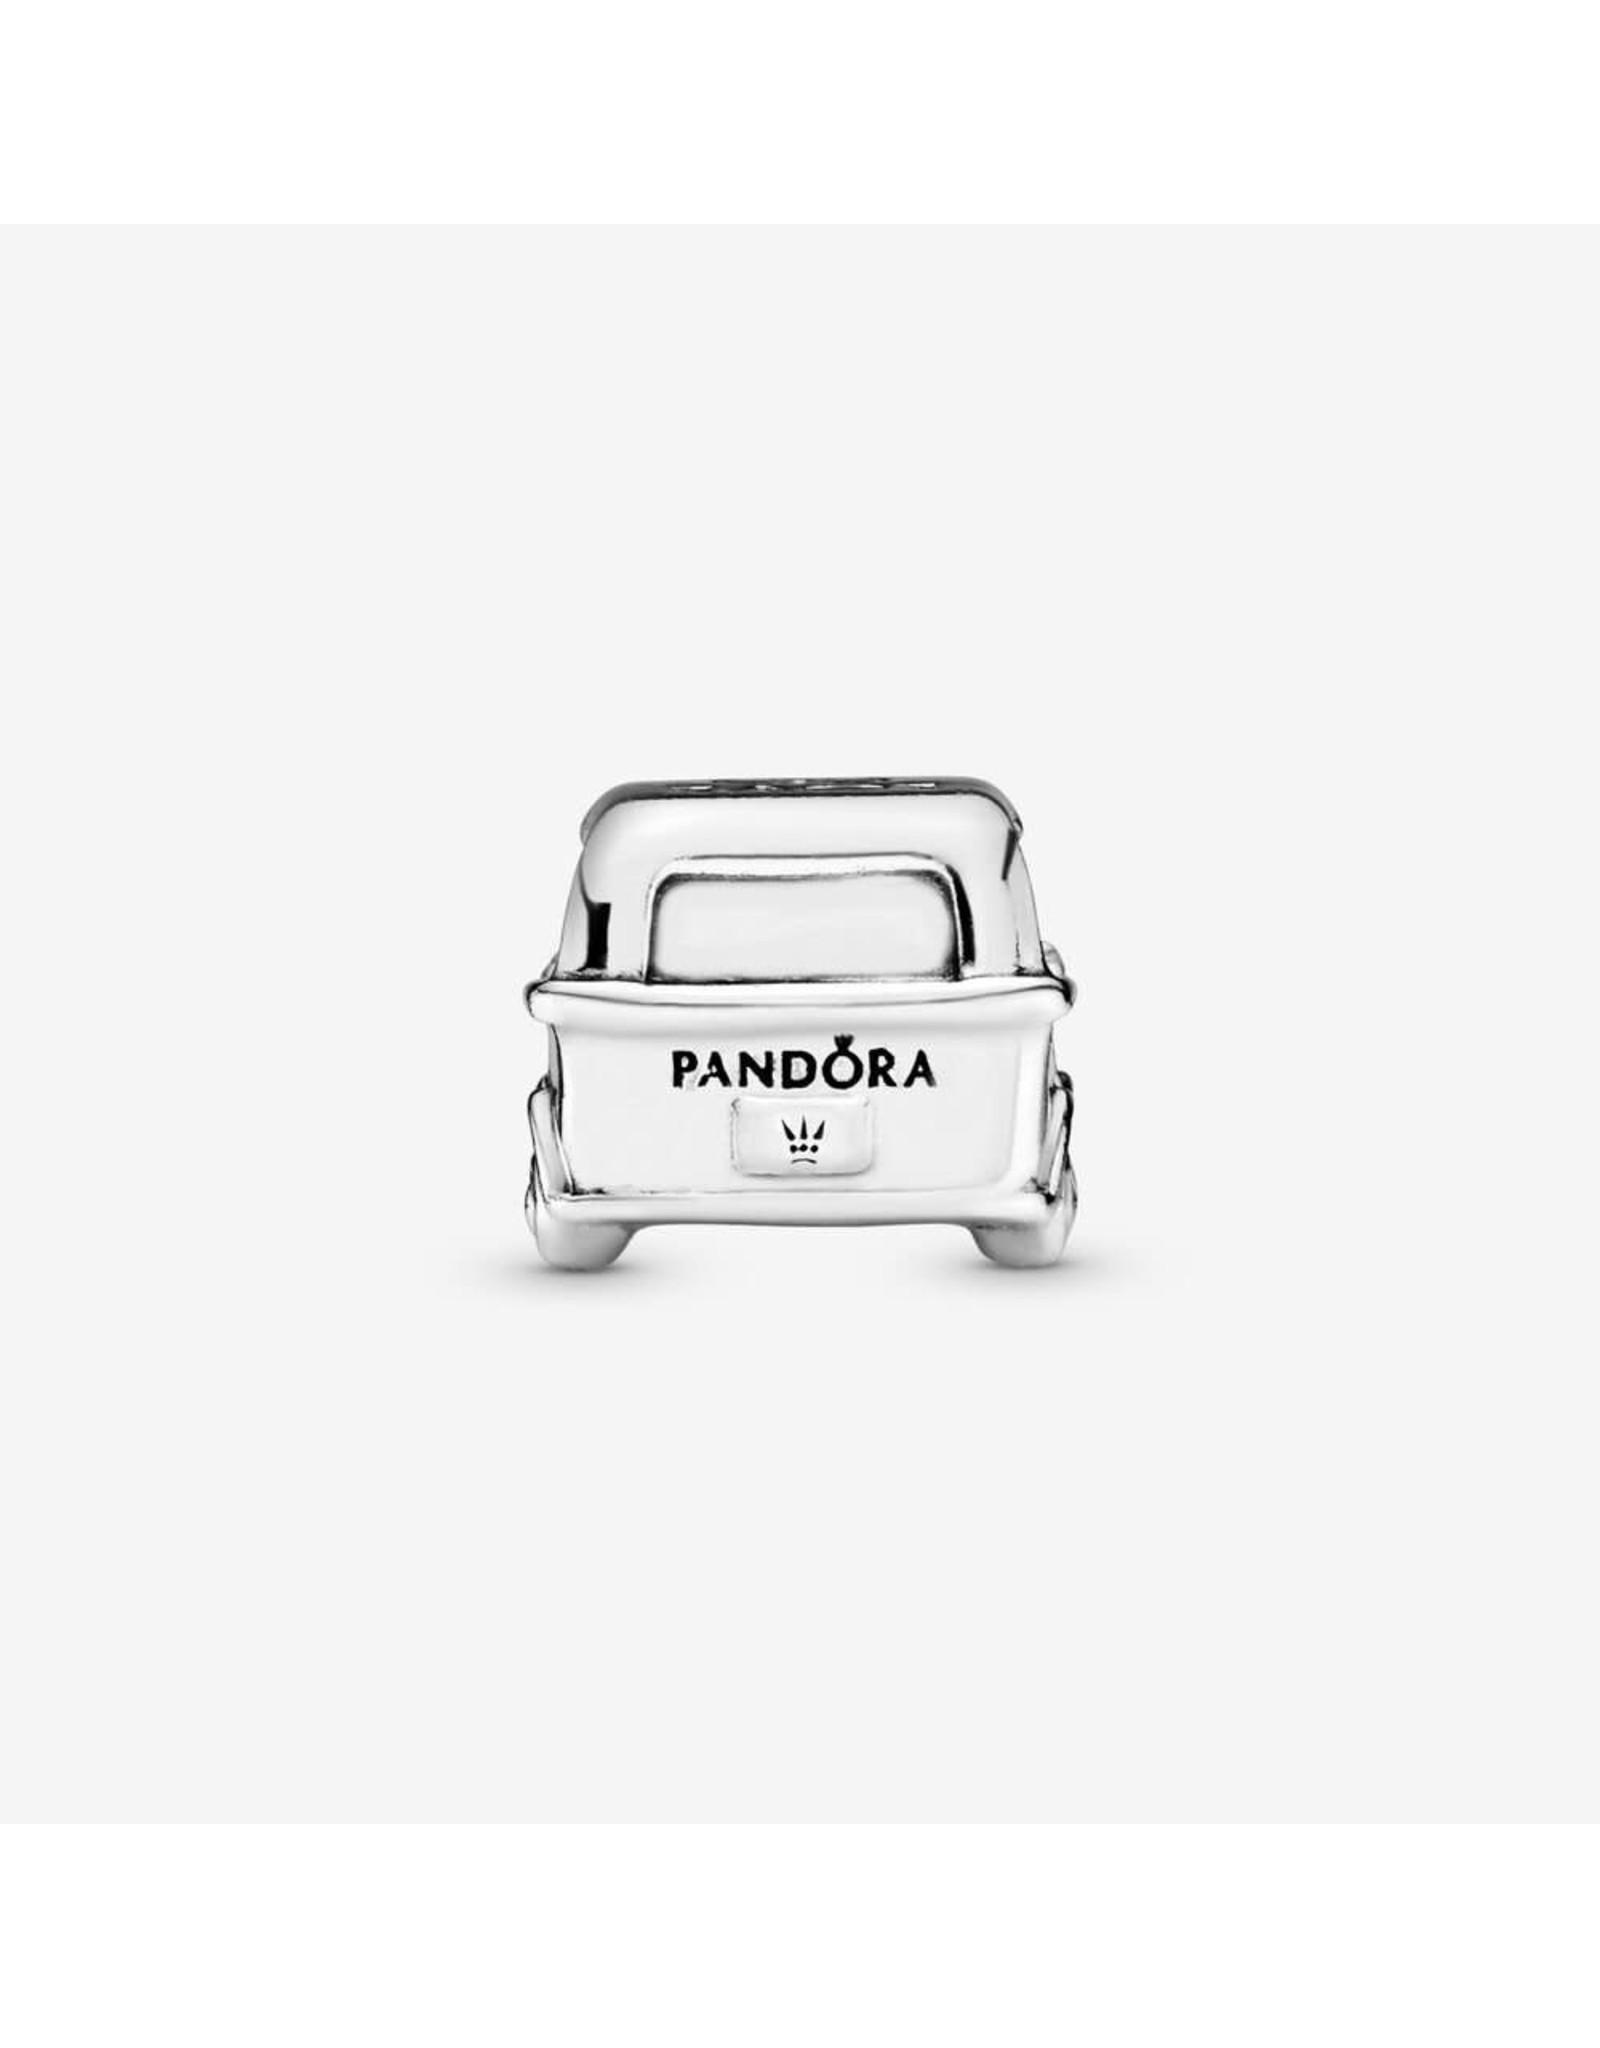 Pandora Pandora Charm, Camper Van, transparent Pale Pink Enamel